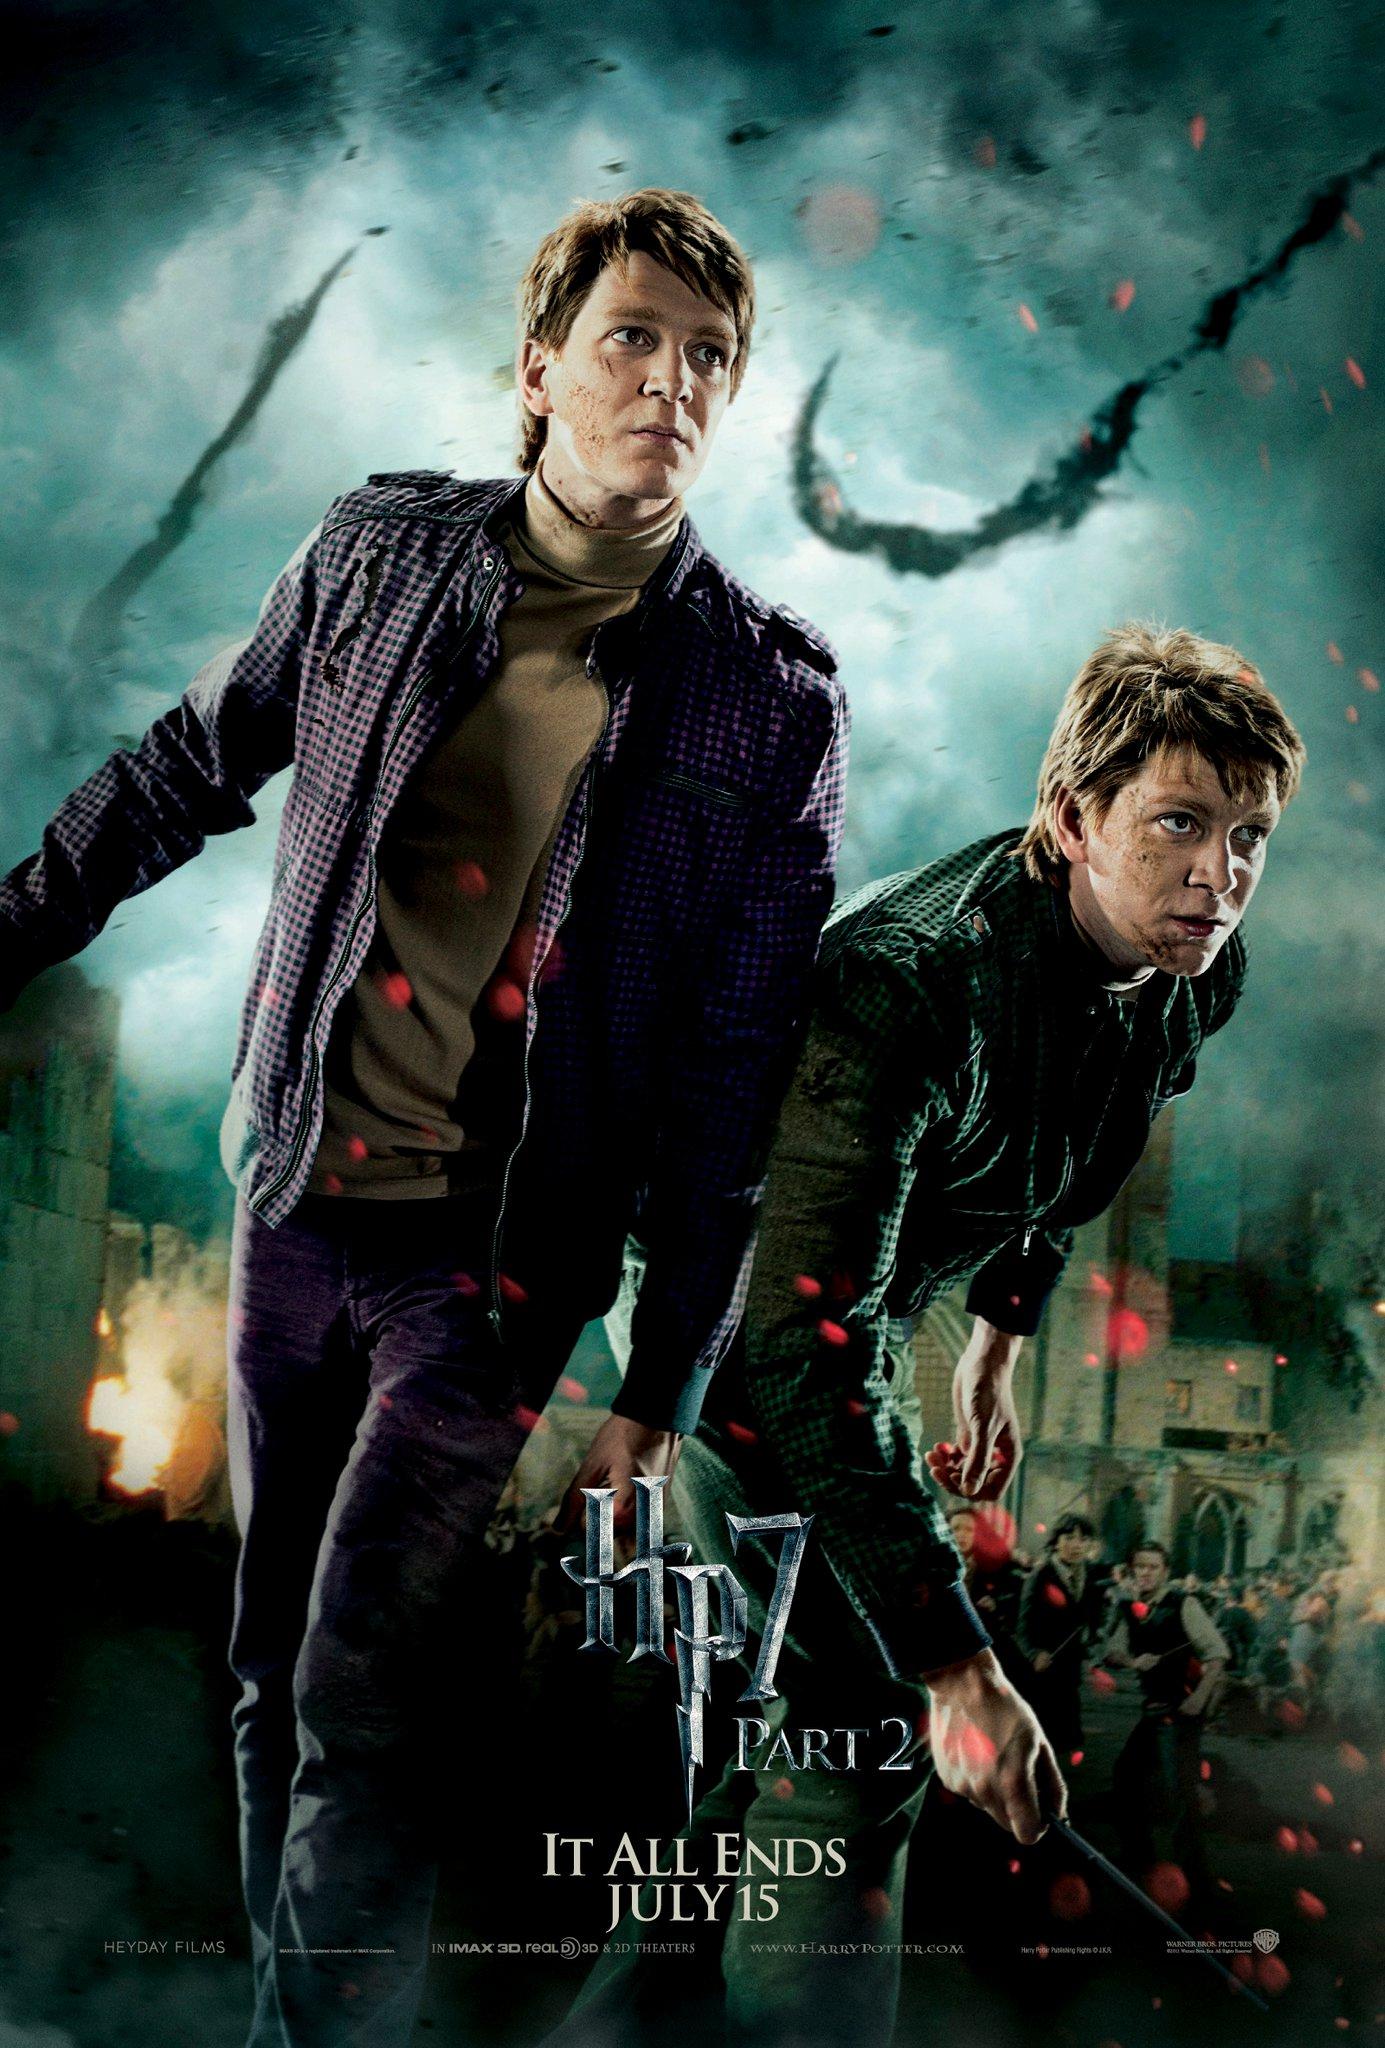 Wallpaper HP7 Part 2 poster - twins les jumeaux Harry Potter